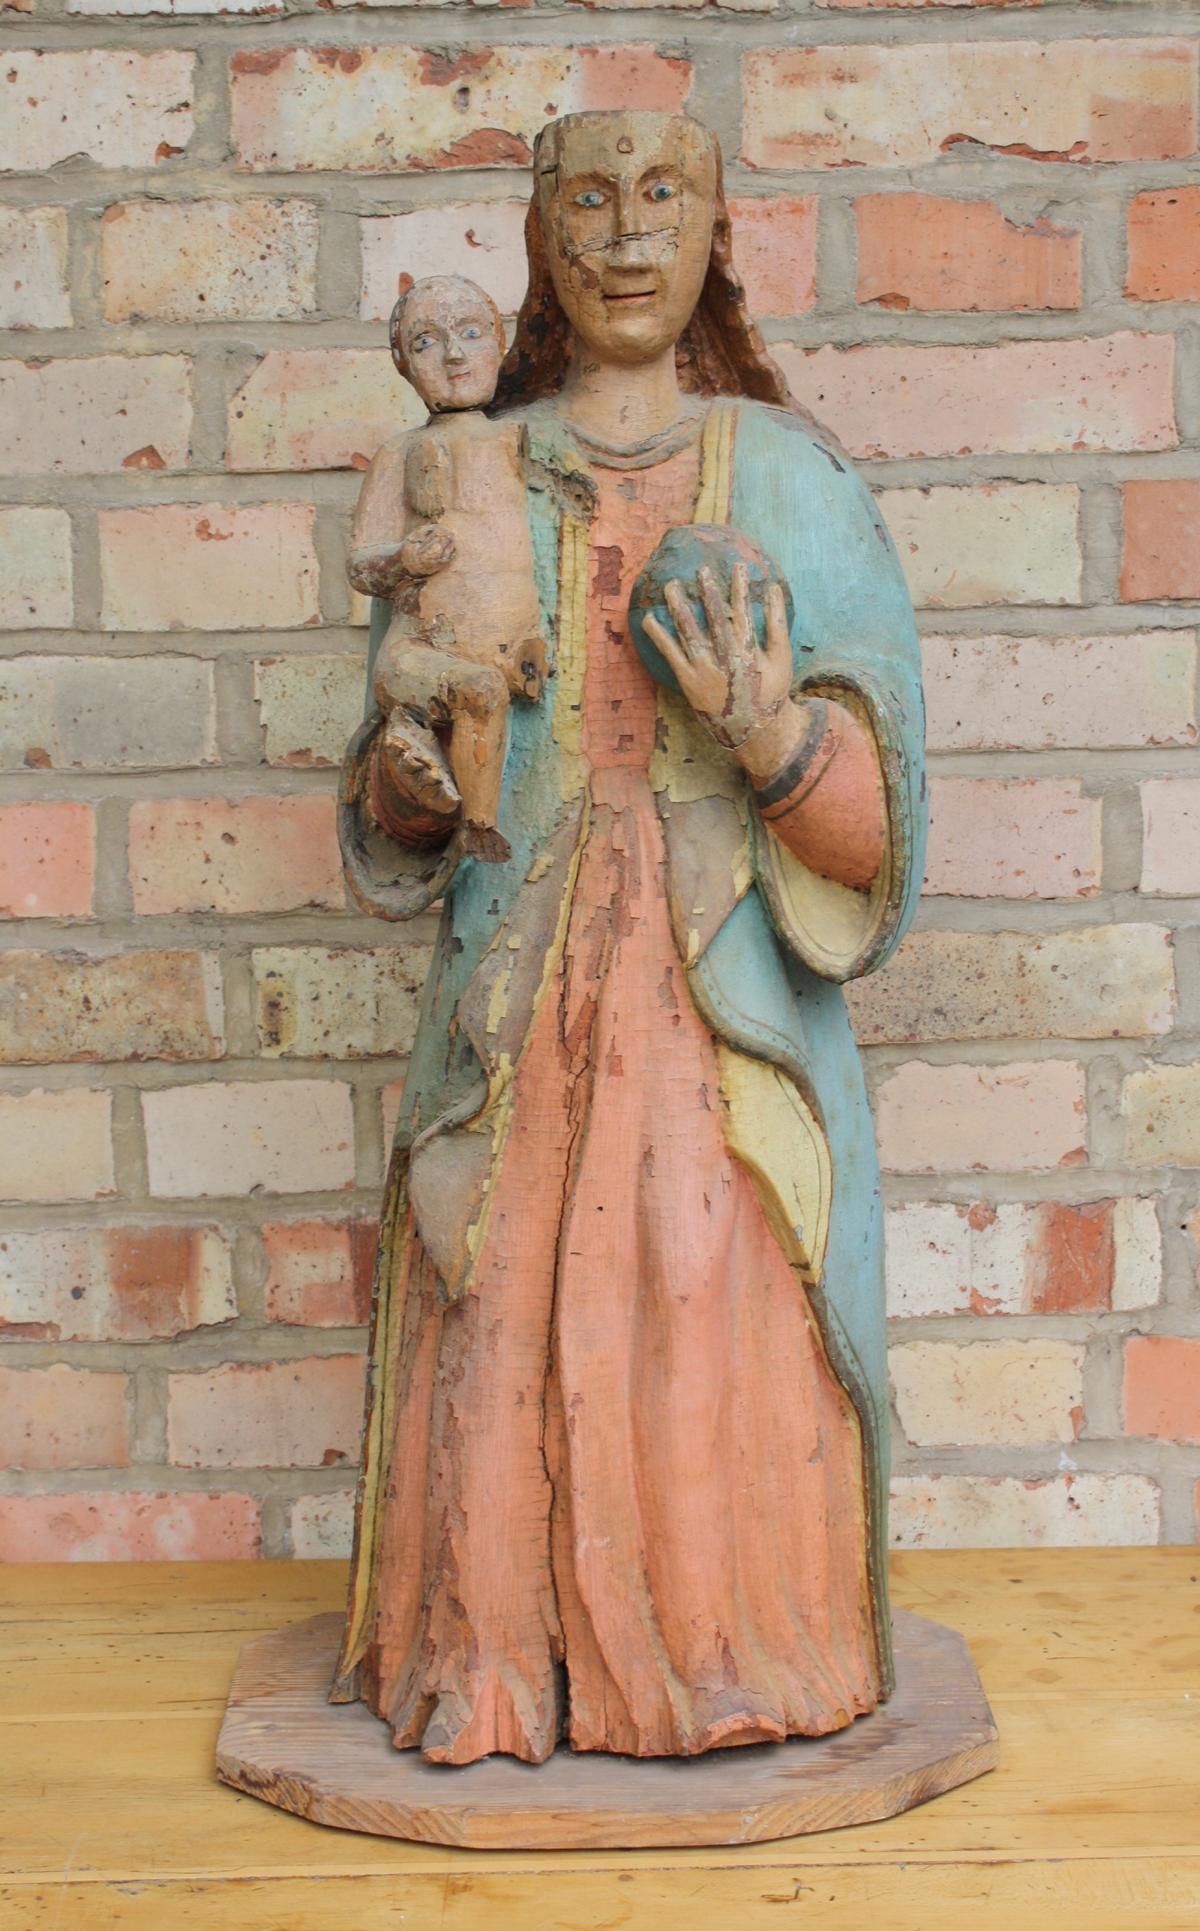 Madonna mit Kind und Weltkugel, wohl 15./16. Jahrhundert